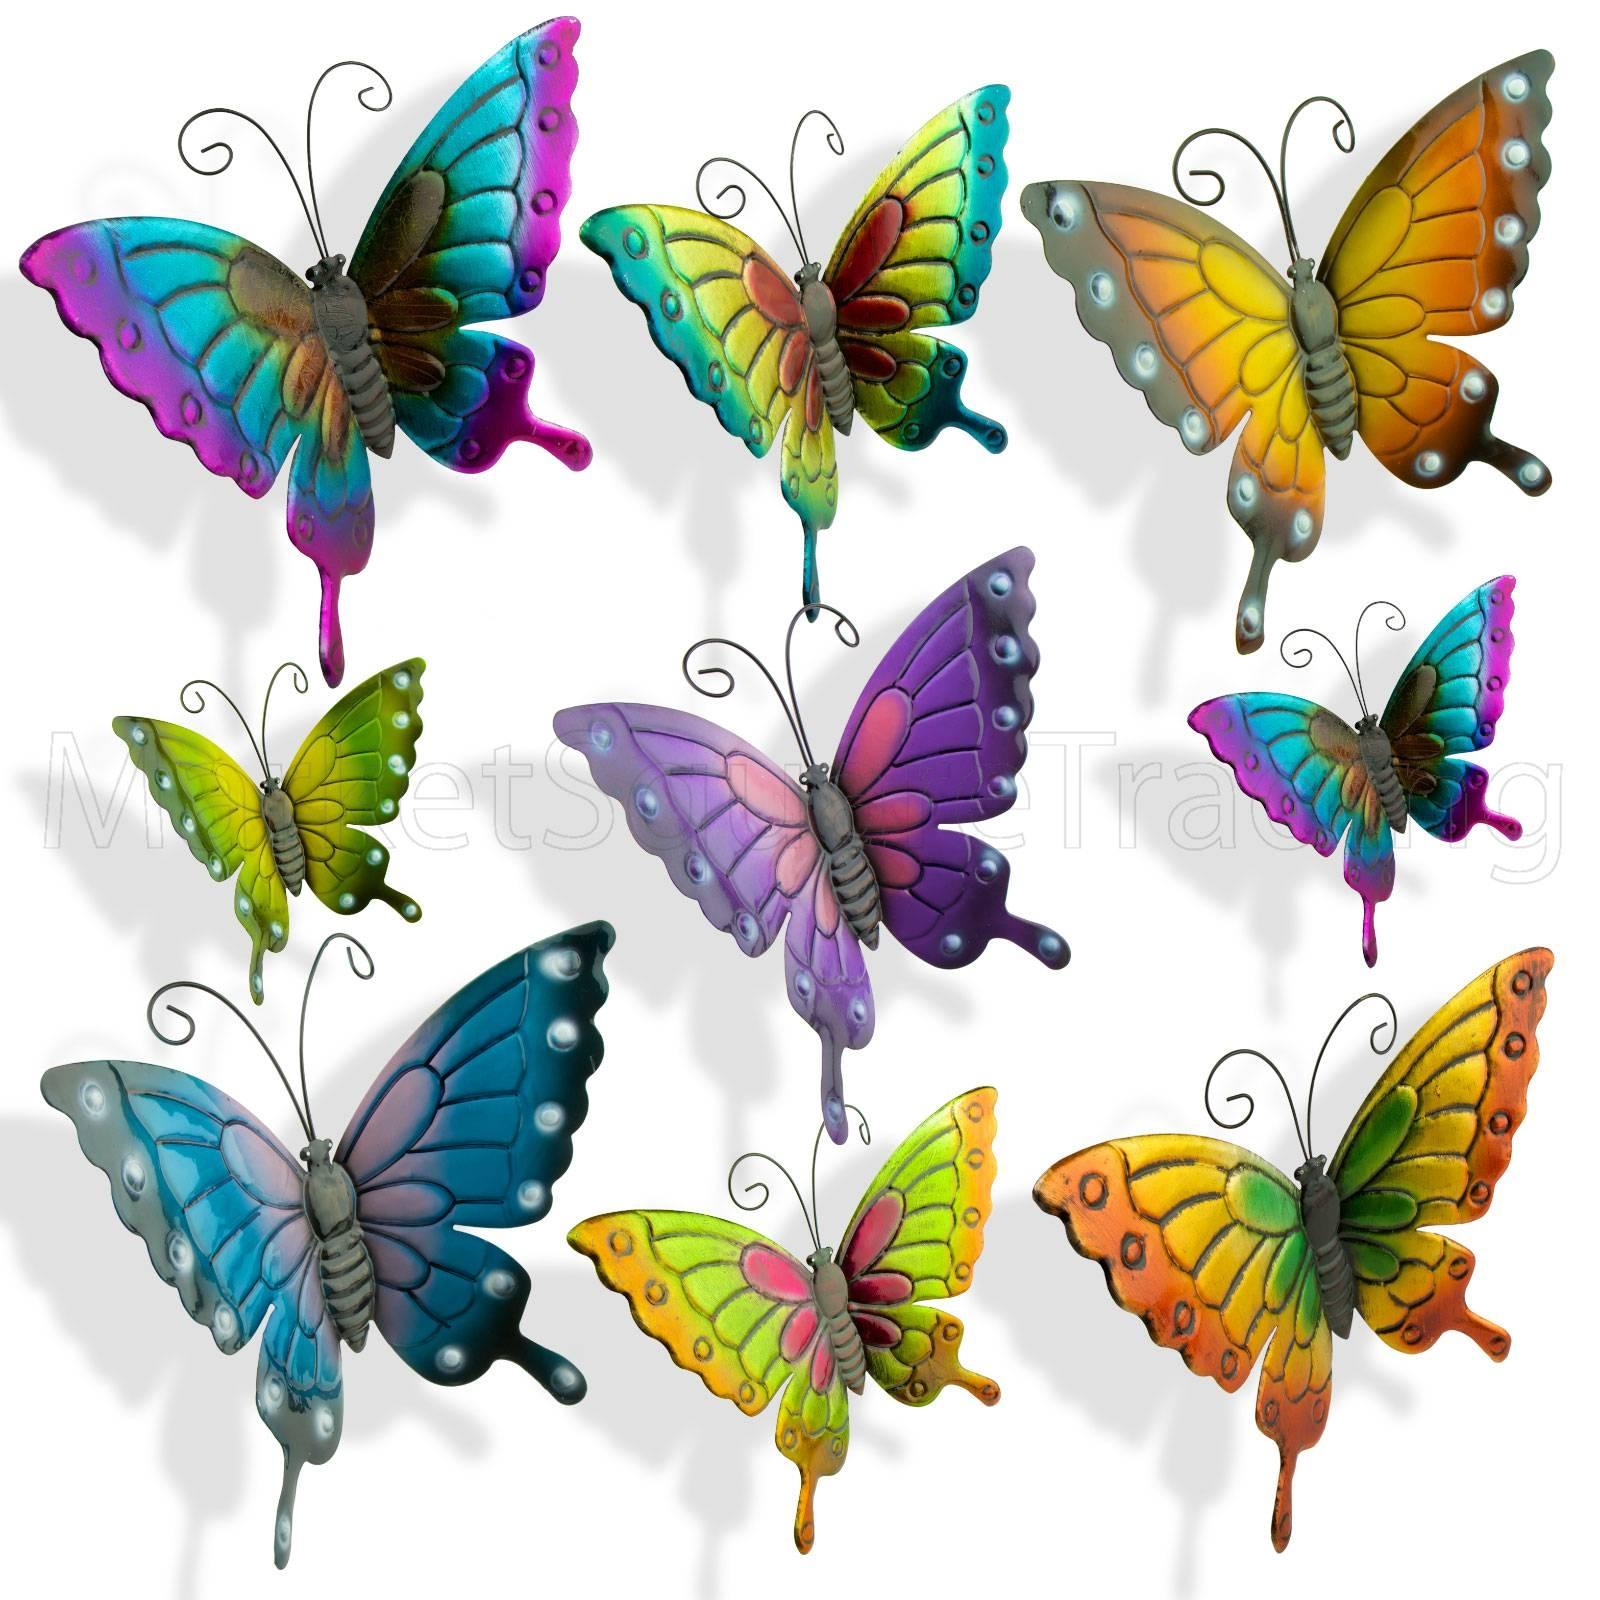 Butterflies Garden Decoration Multi Coloured Metal Outdoor Regarding 2017 Butterfly Garden Metal Wall Art (View 7 of 20)